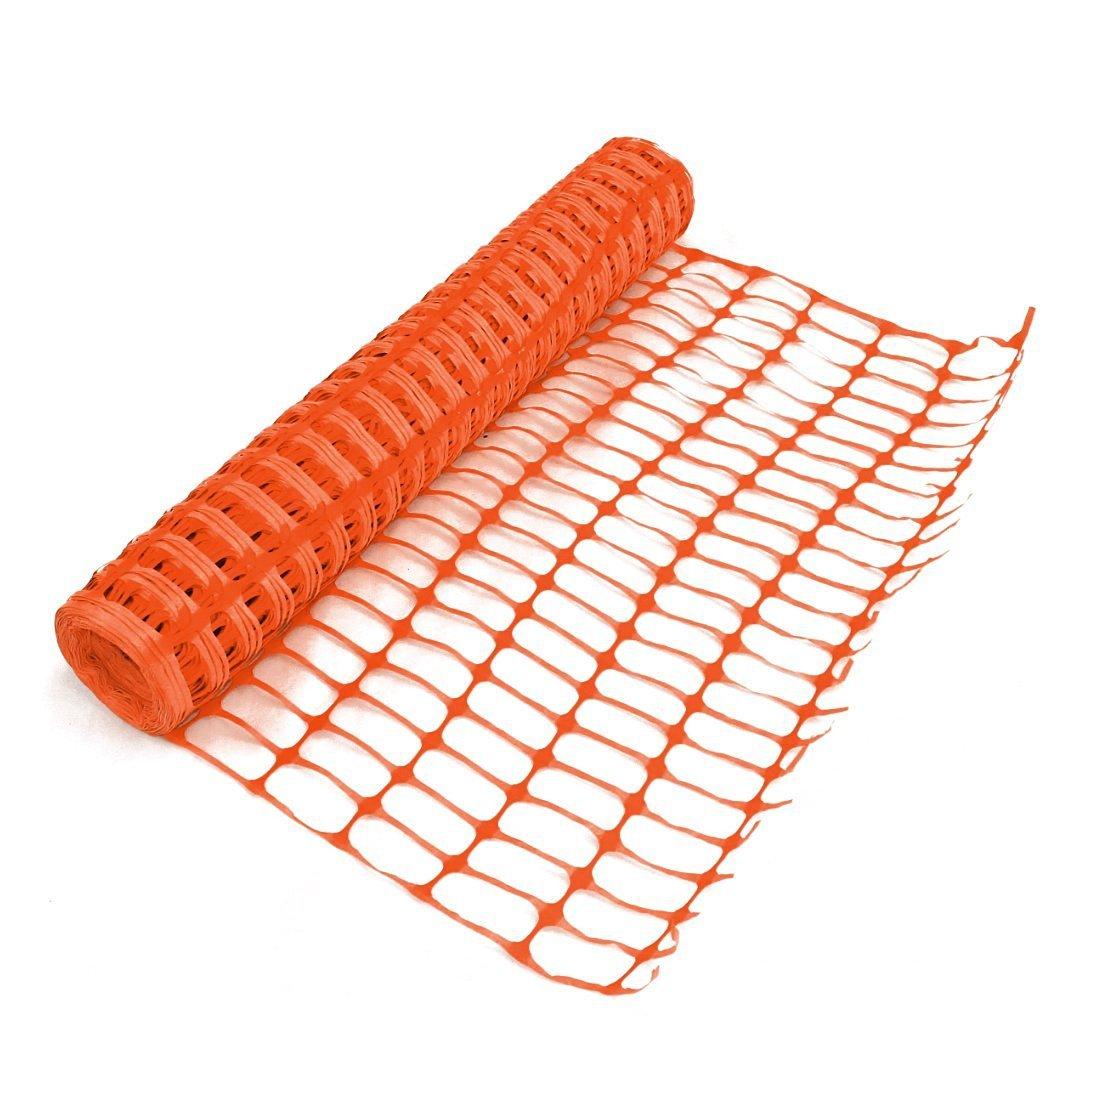 Heavy duty orange safety barrier mesh fencing mtr